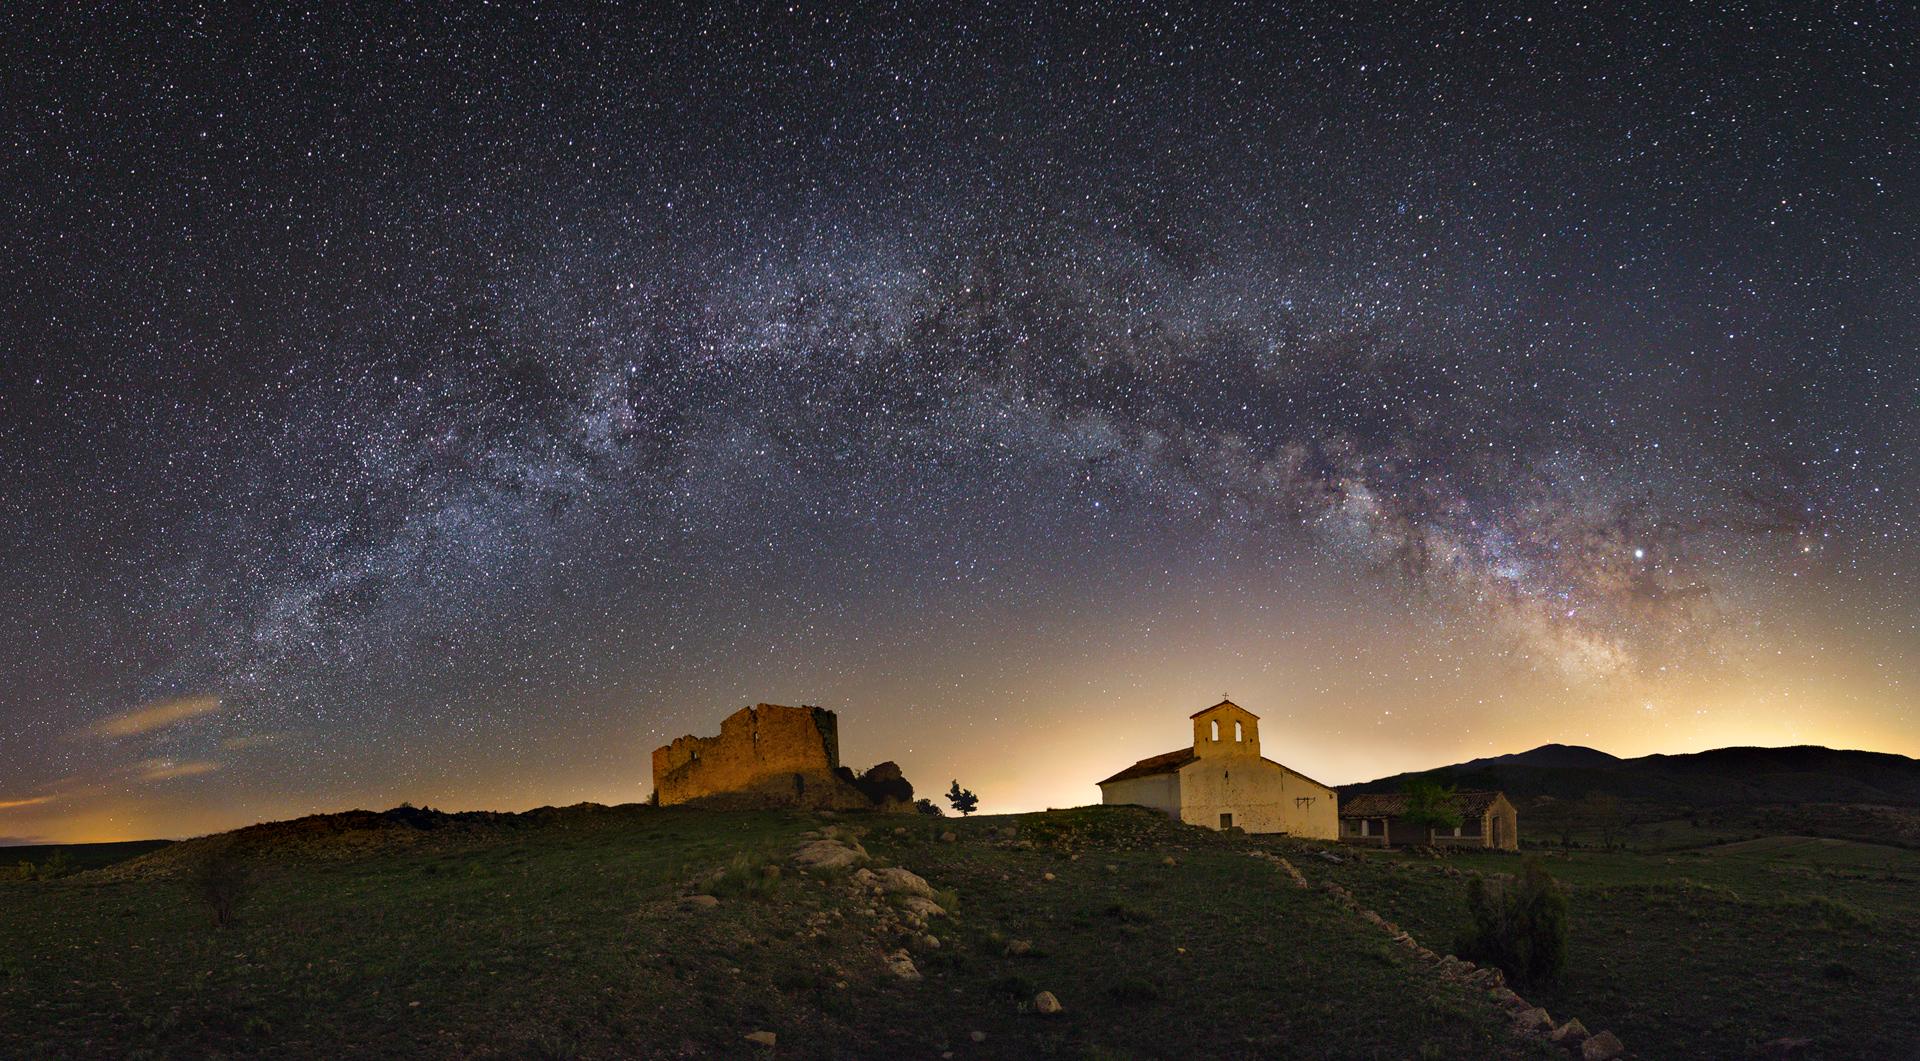 La ermita de las estrellas